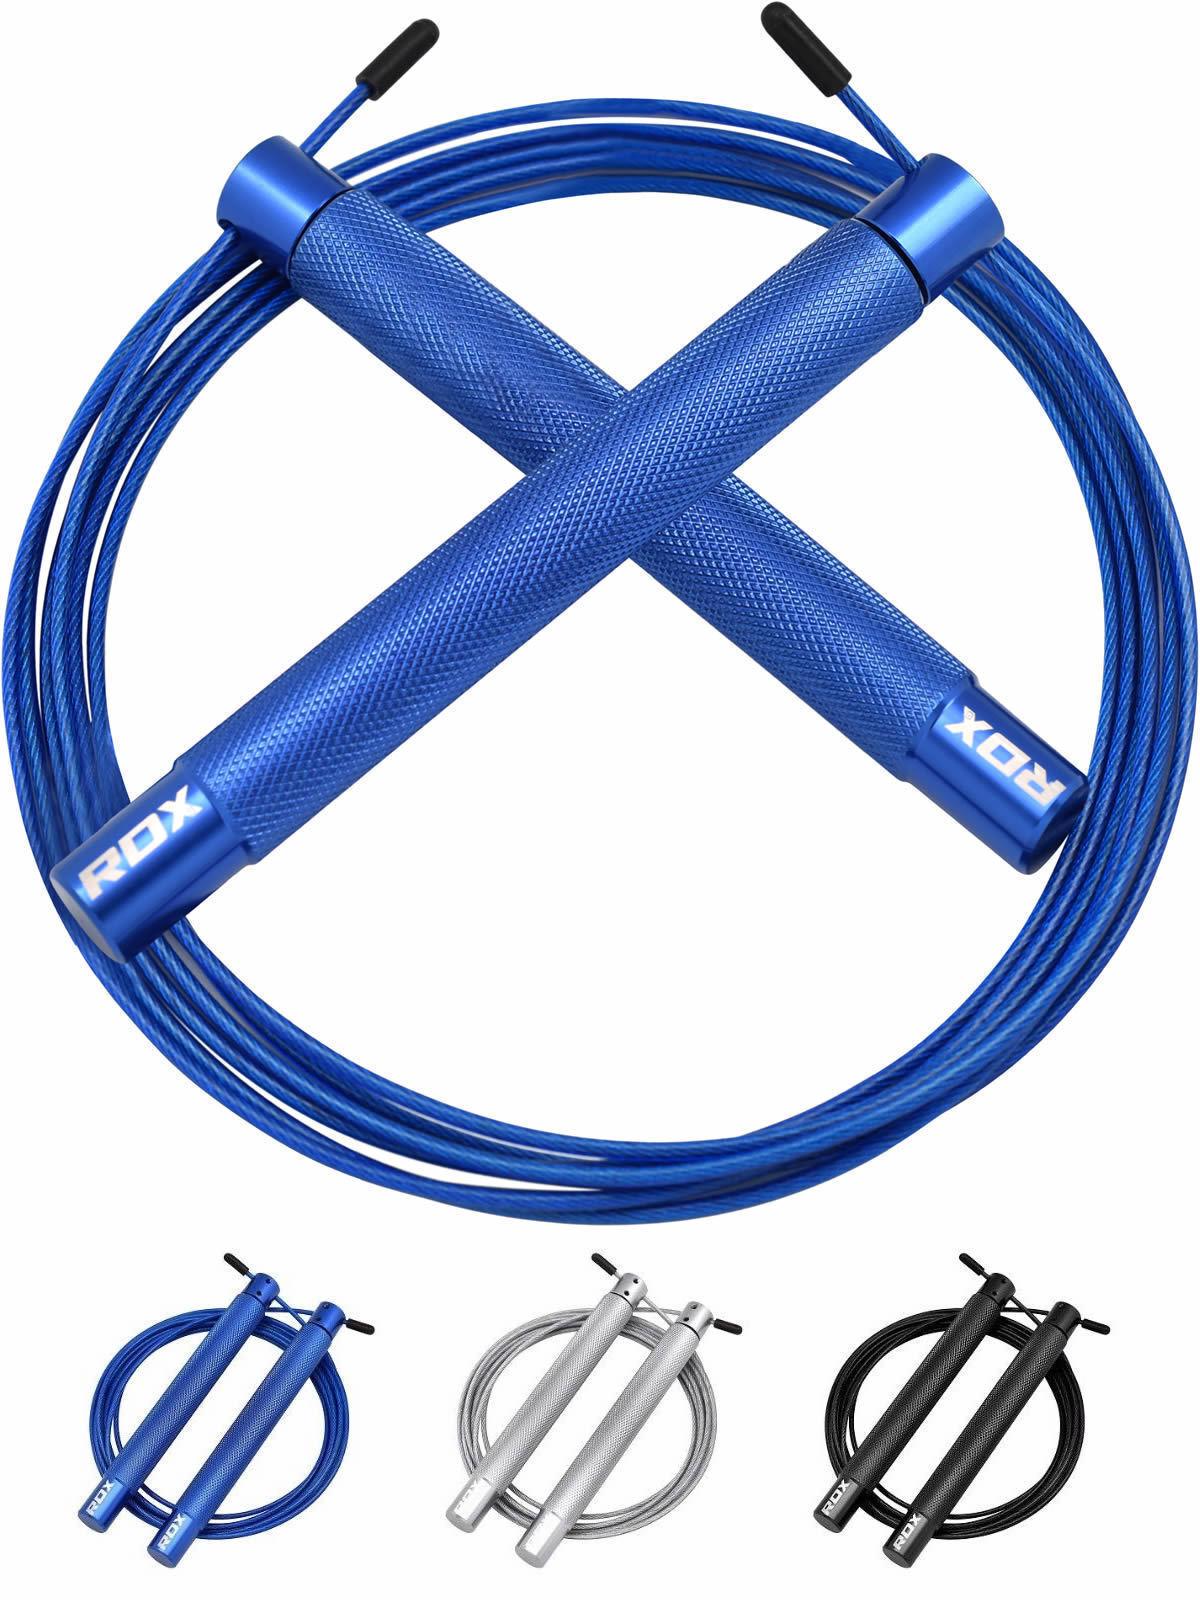 RDX Springseil Übung Geschwindigkeit Sprung Seil Gym Fitness Skipping Rope C4 AT